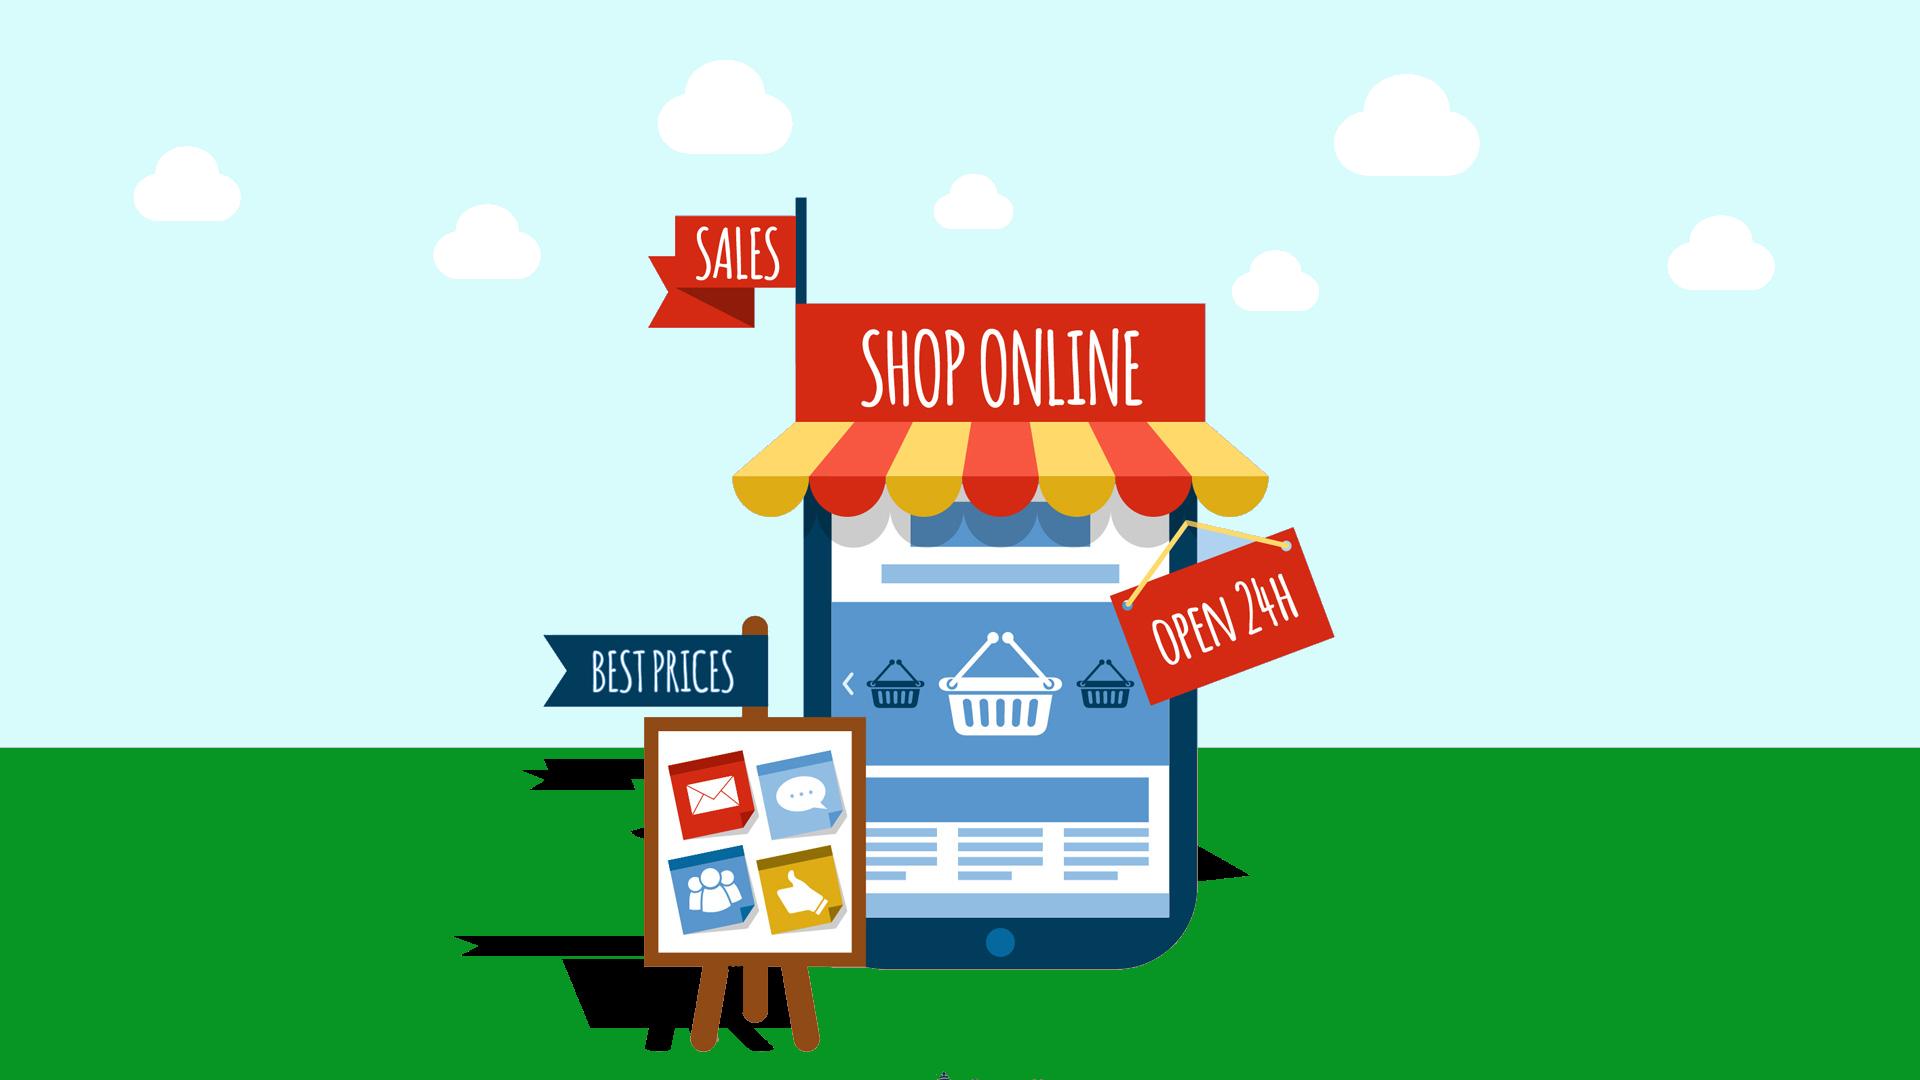 Γιατί να κατασκευάσεις ένα ηλεκτρονικό κατάστημα;